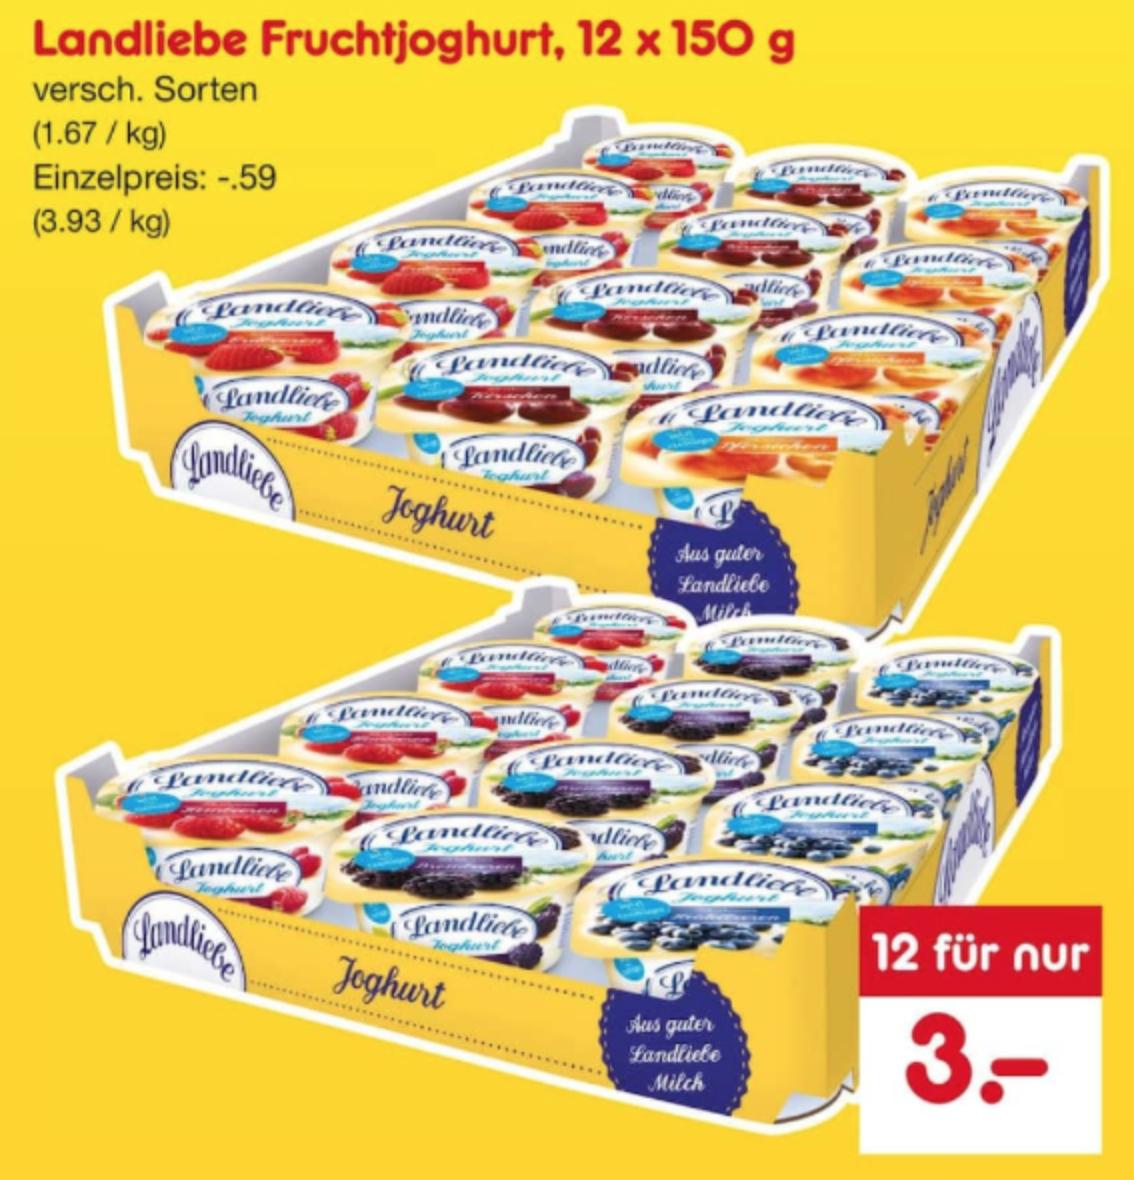 Landliebe Fruchtjoghurt, 12 x 150g [Netto]